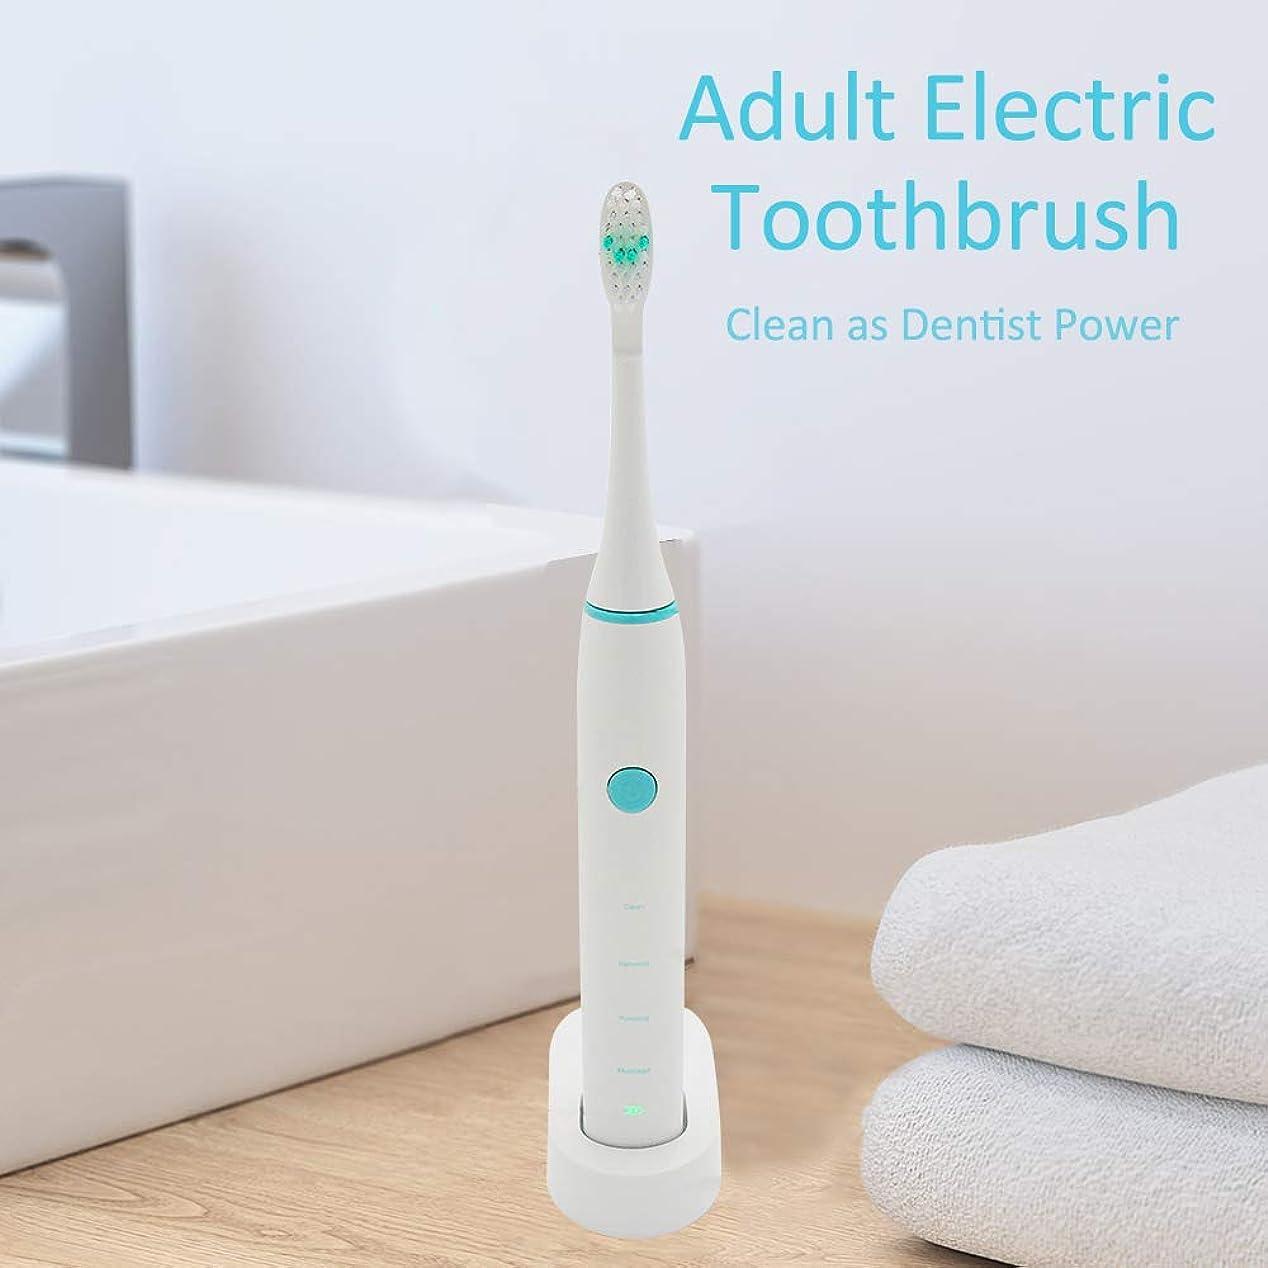 永久に展開するシャープRakuby 家 旅行使用 2つブラシ 頭部付き 歯科医力 再充電 可能 防水 きれい 大人 電動歯ブラシ